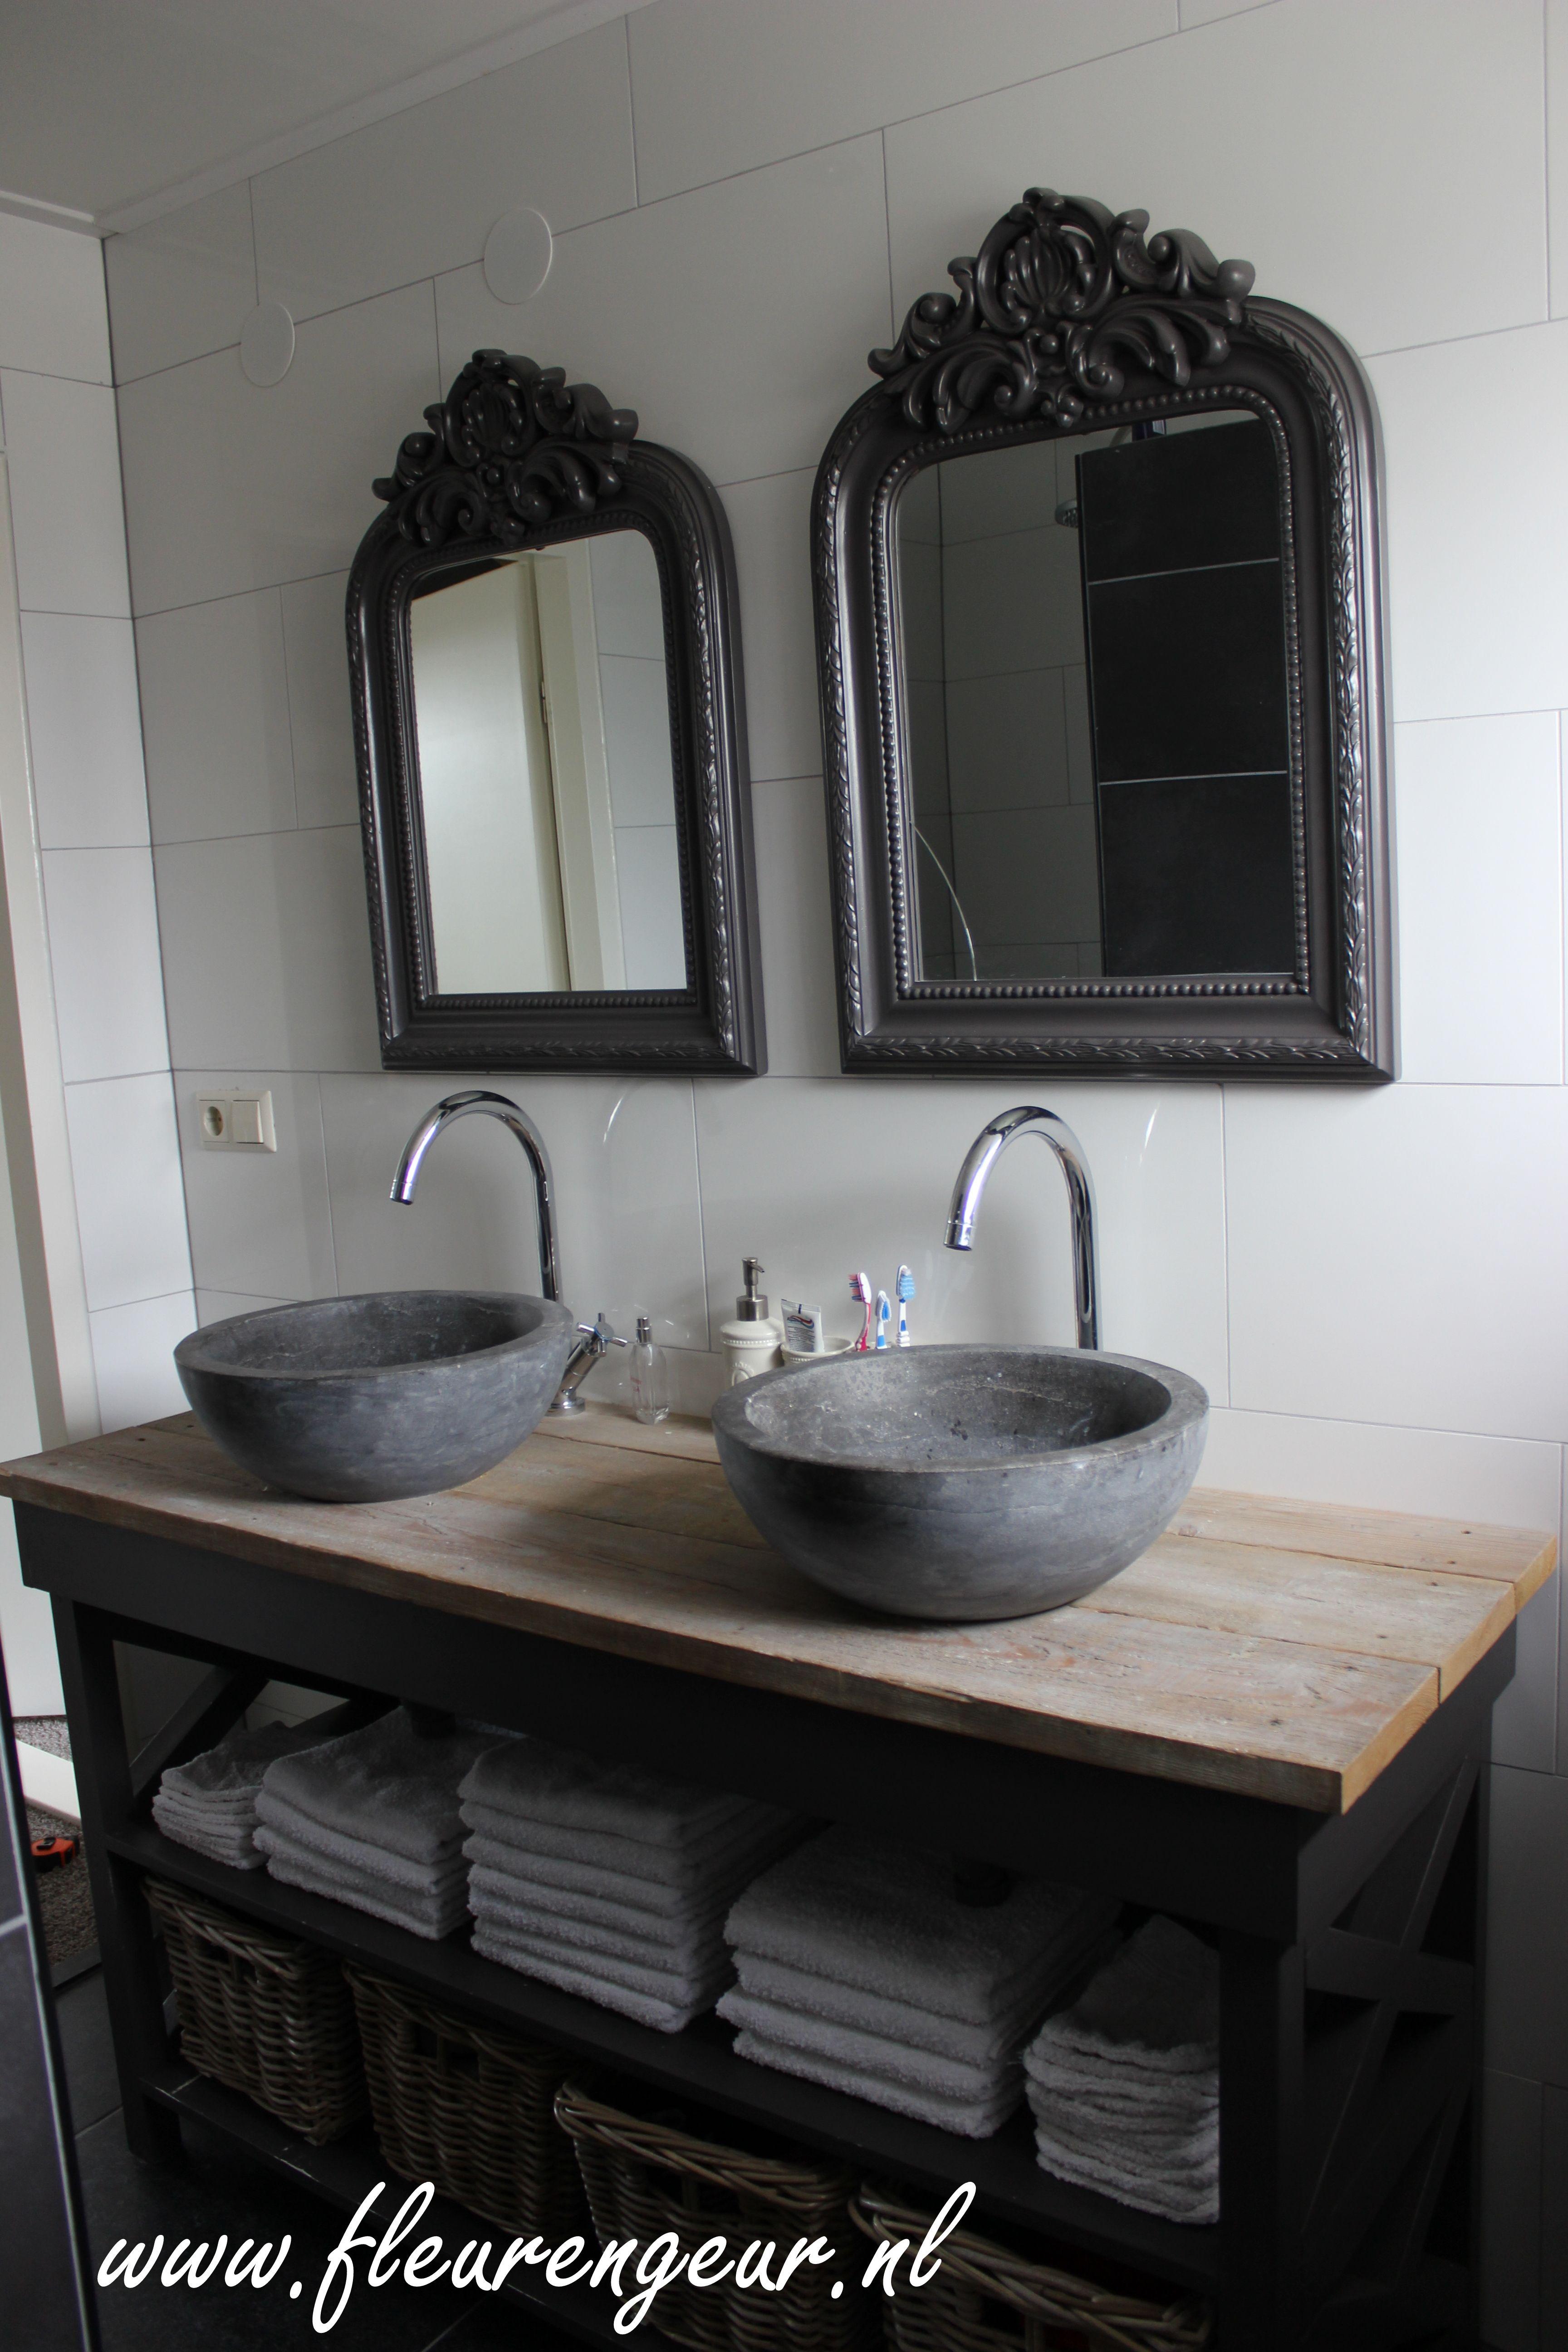 landelijk badkamermeubel landelijk brocante stijl pinterest